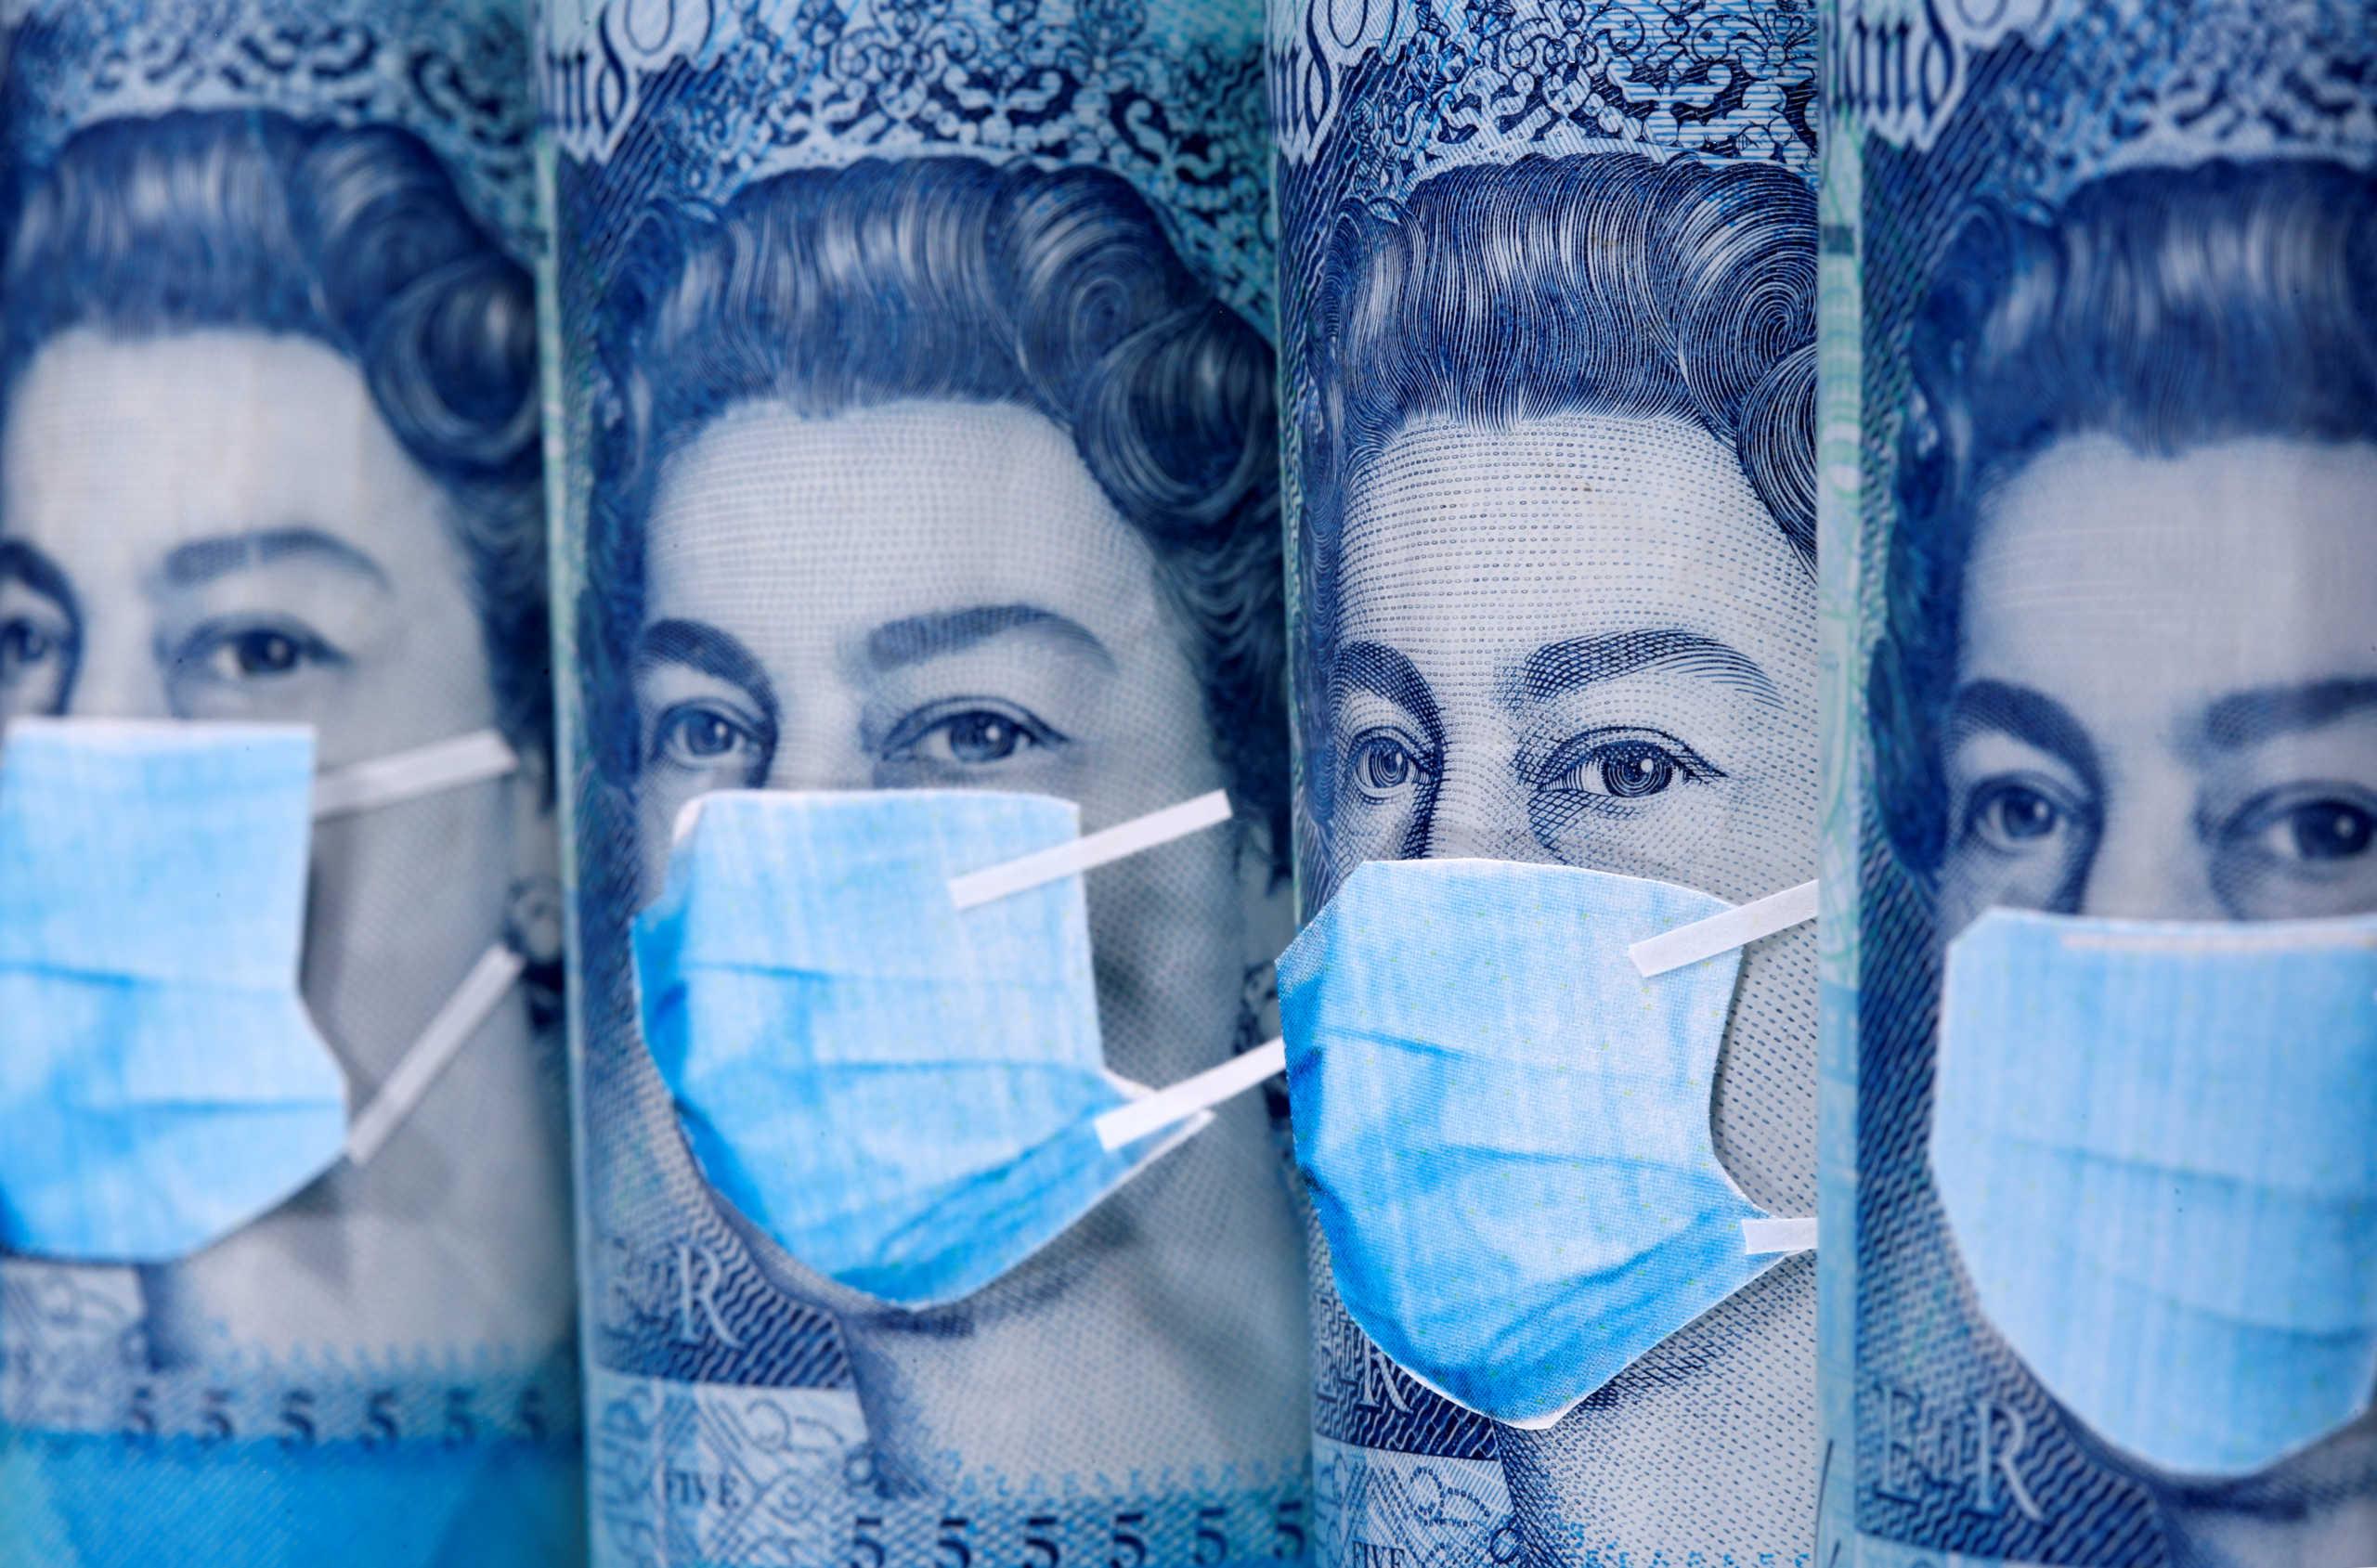 Ελισάβετ – κορονοϊός: Πόσο θα κοστίσουν στη Βασίλισσα οι οικονομικές επιπτώσεις της πανδημίας